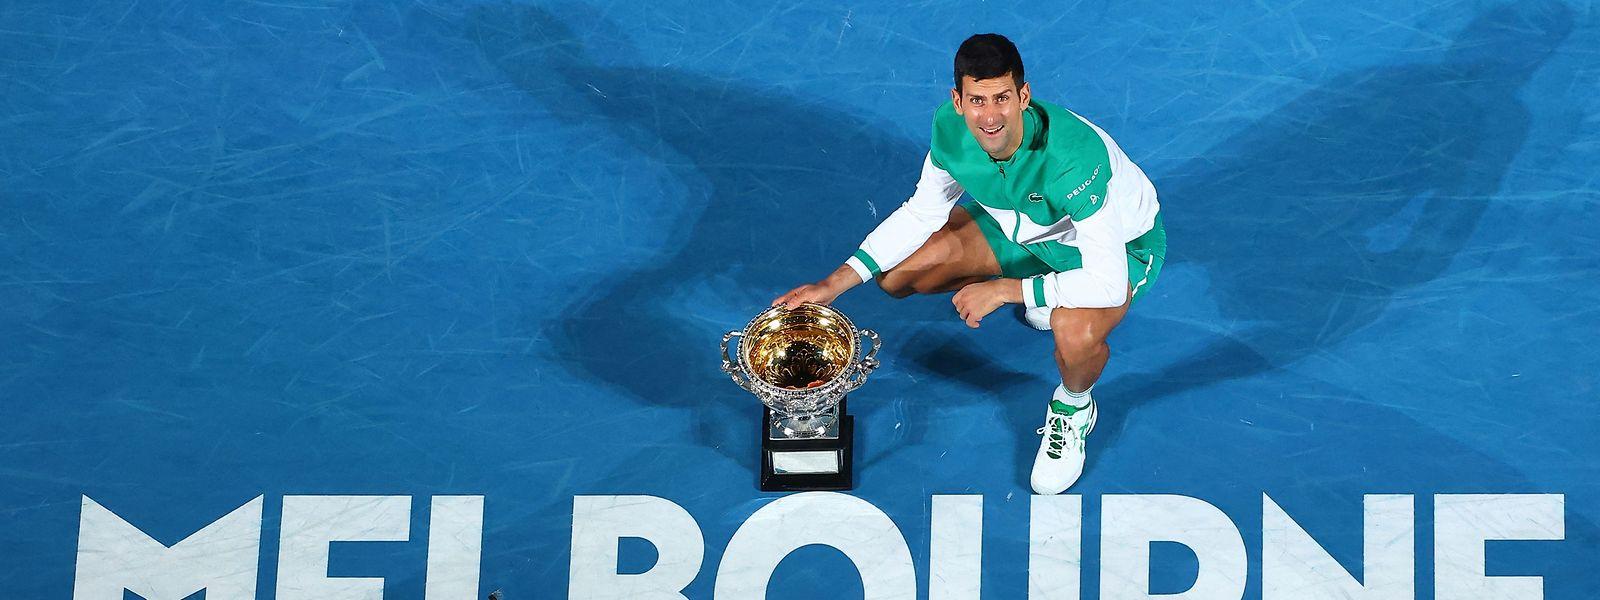 Novak Djokovic und die Ausralian Open, das passt einfach.